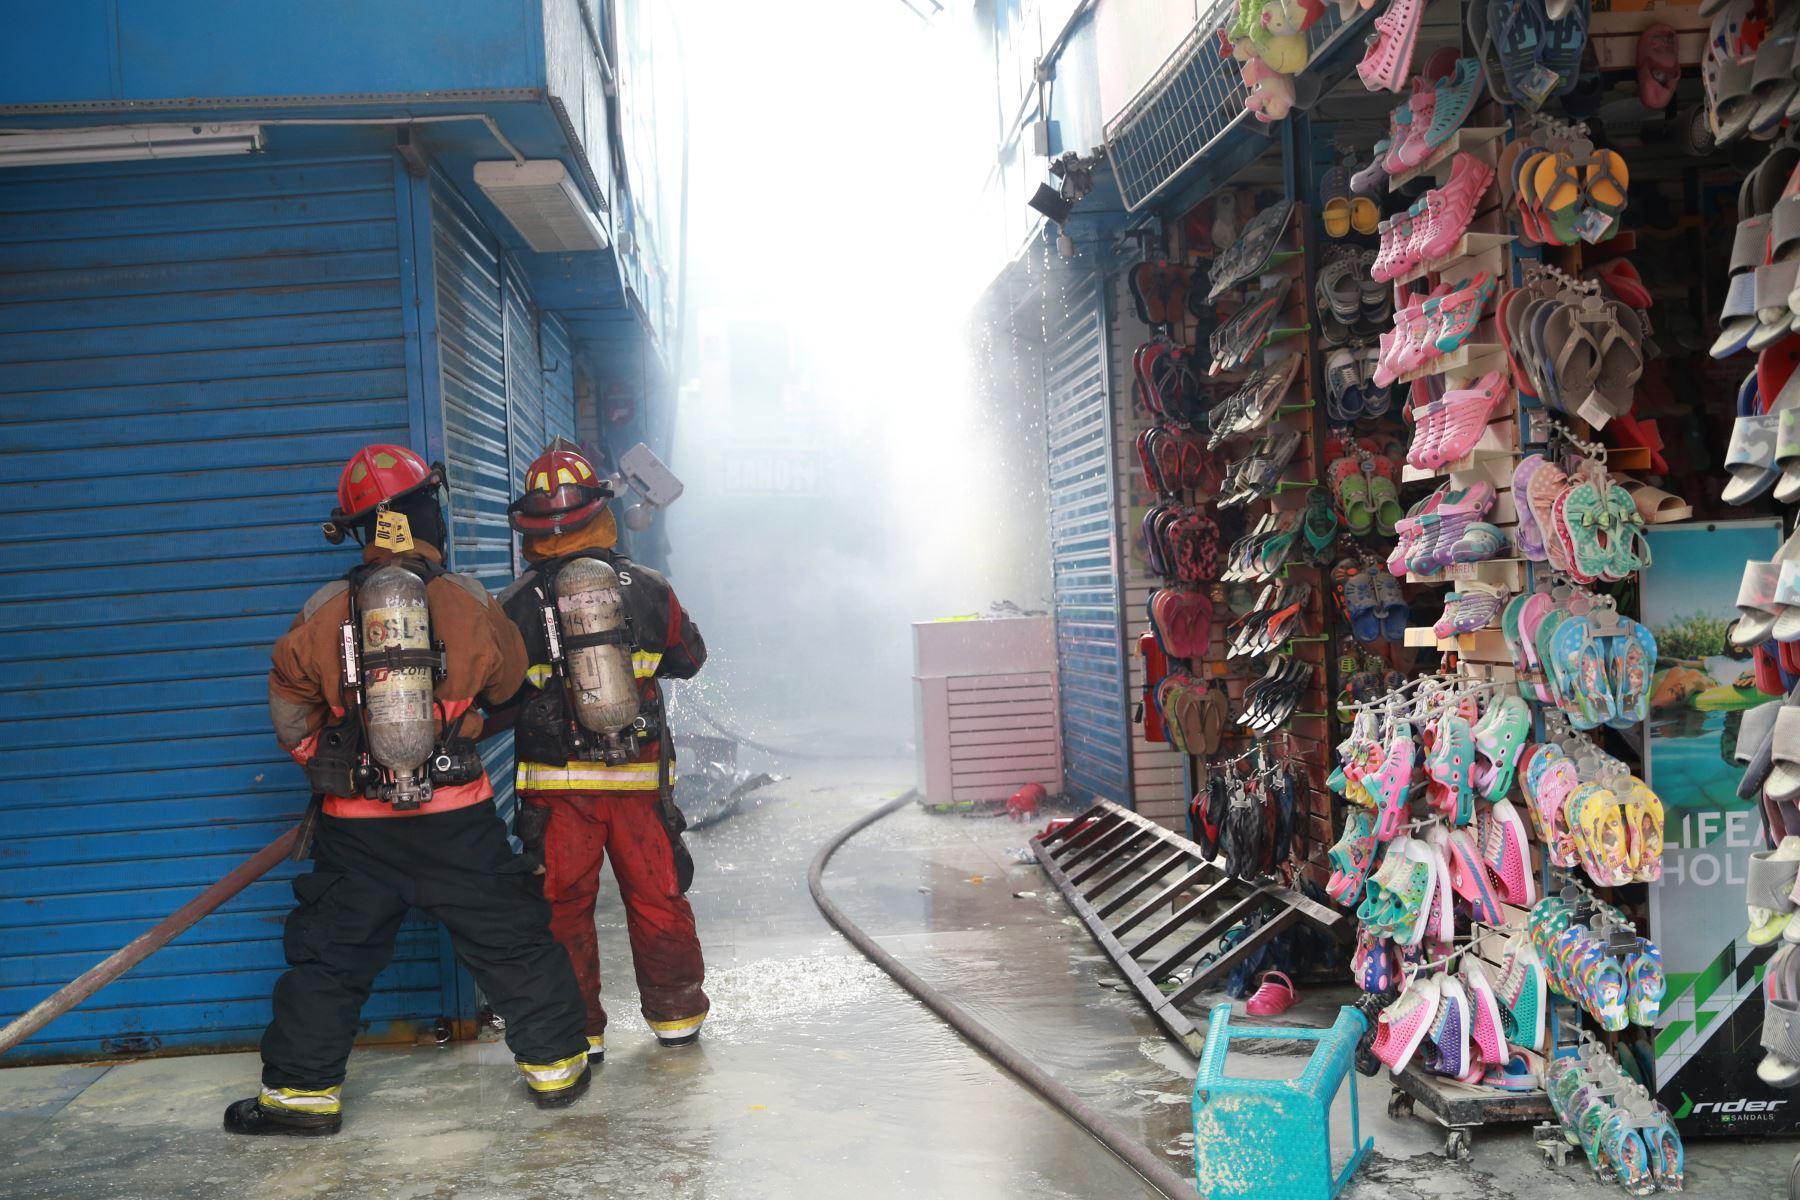 Incendio en Galería Plaza Azul, en el cercado de Lima,movilizo mas de quince unidades de bomberos que lograron controlar el fuego. Foto: ANDINA/Jhony Laurente